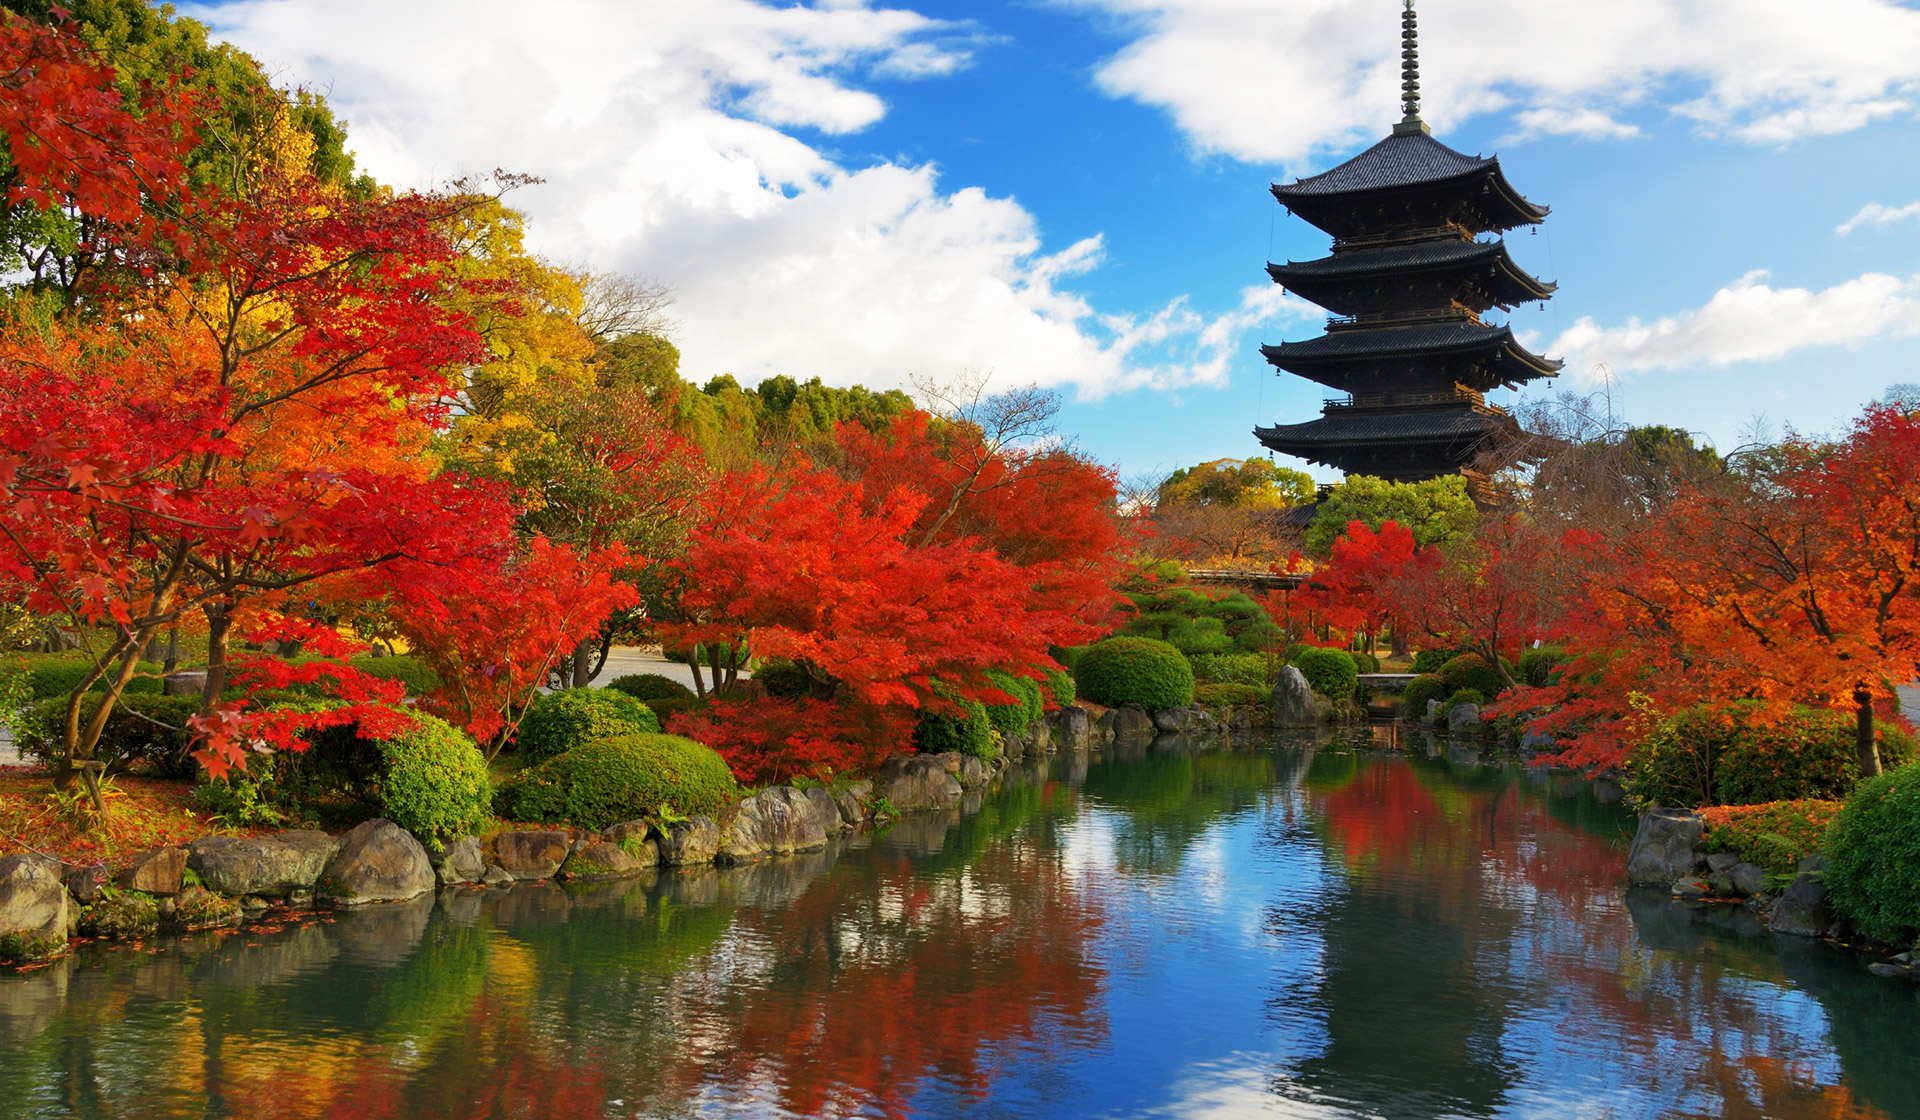 【第230回】東京、大阪、京都で個別相談会を承ります(5000円)。【9/12〜10/5】